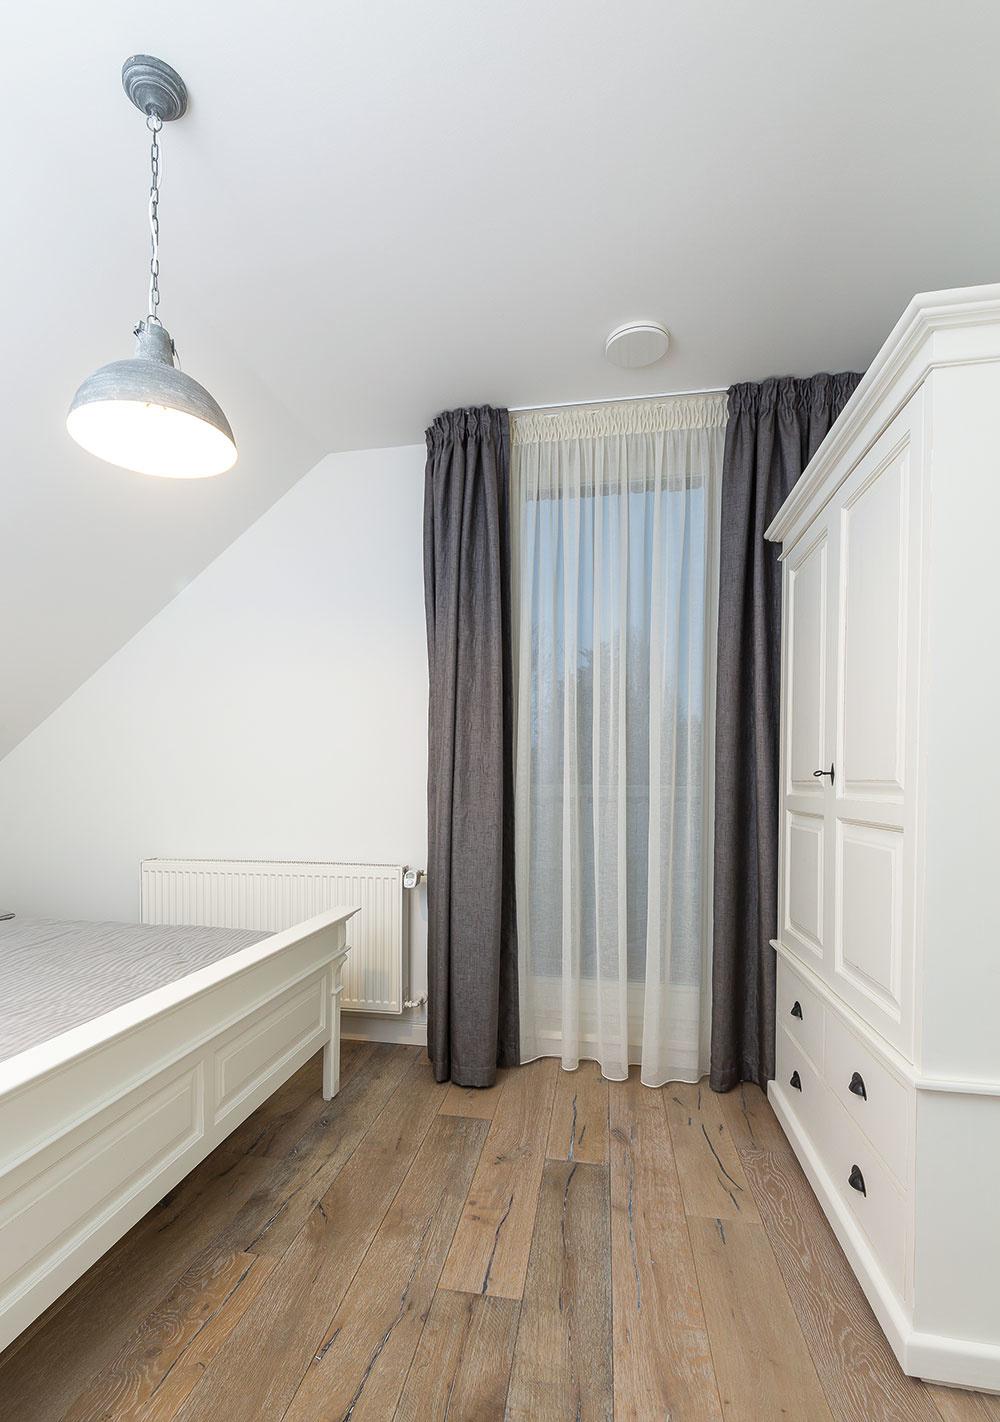 V HOSŤOVSKÝCH SPÁLŇACH sú okrem manželských postelí aj veľké biele skrine z masívu, ktoré priestor zbytočne opticky nezaťažujú a poskytujú dostatok úložného priestoru